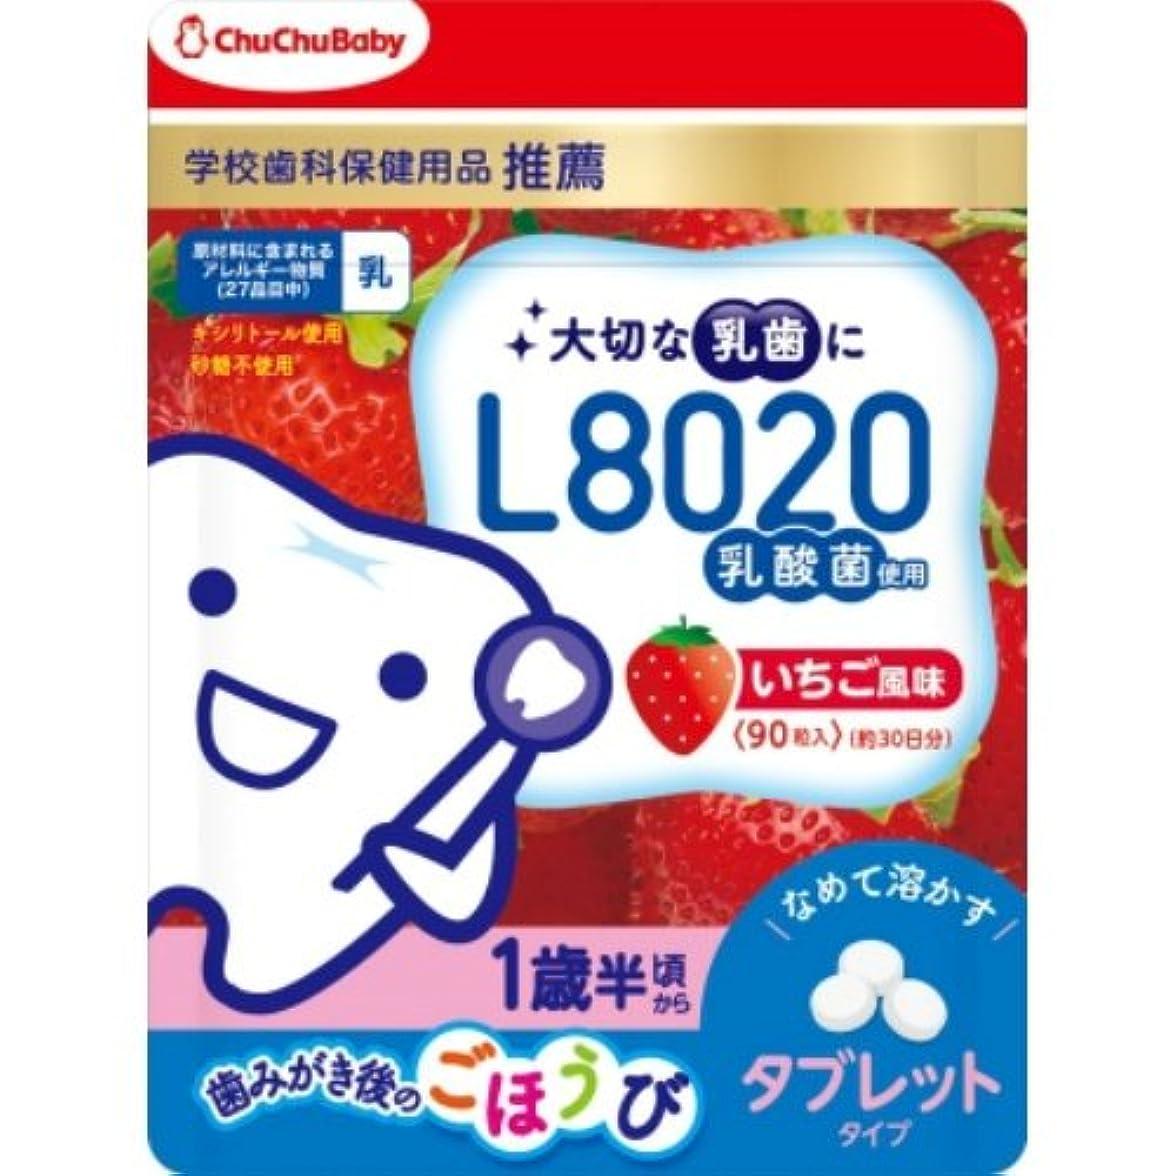 スプレー設計単独でチュチュベビー L8020乳酸菌入タブレット いちご風 × 3個味